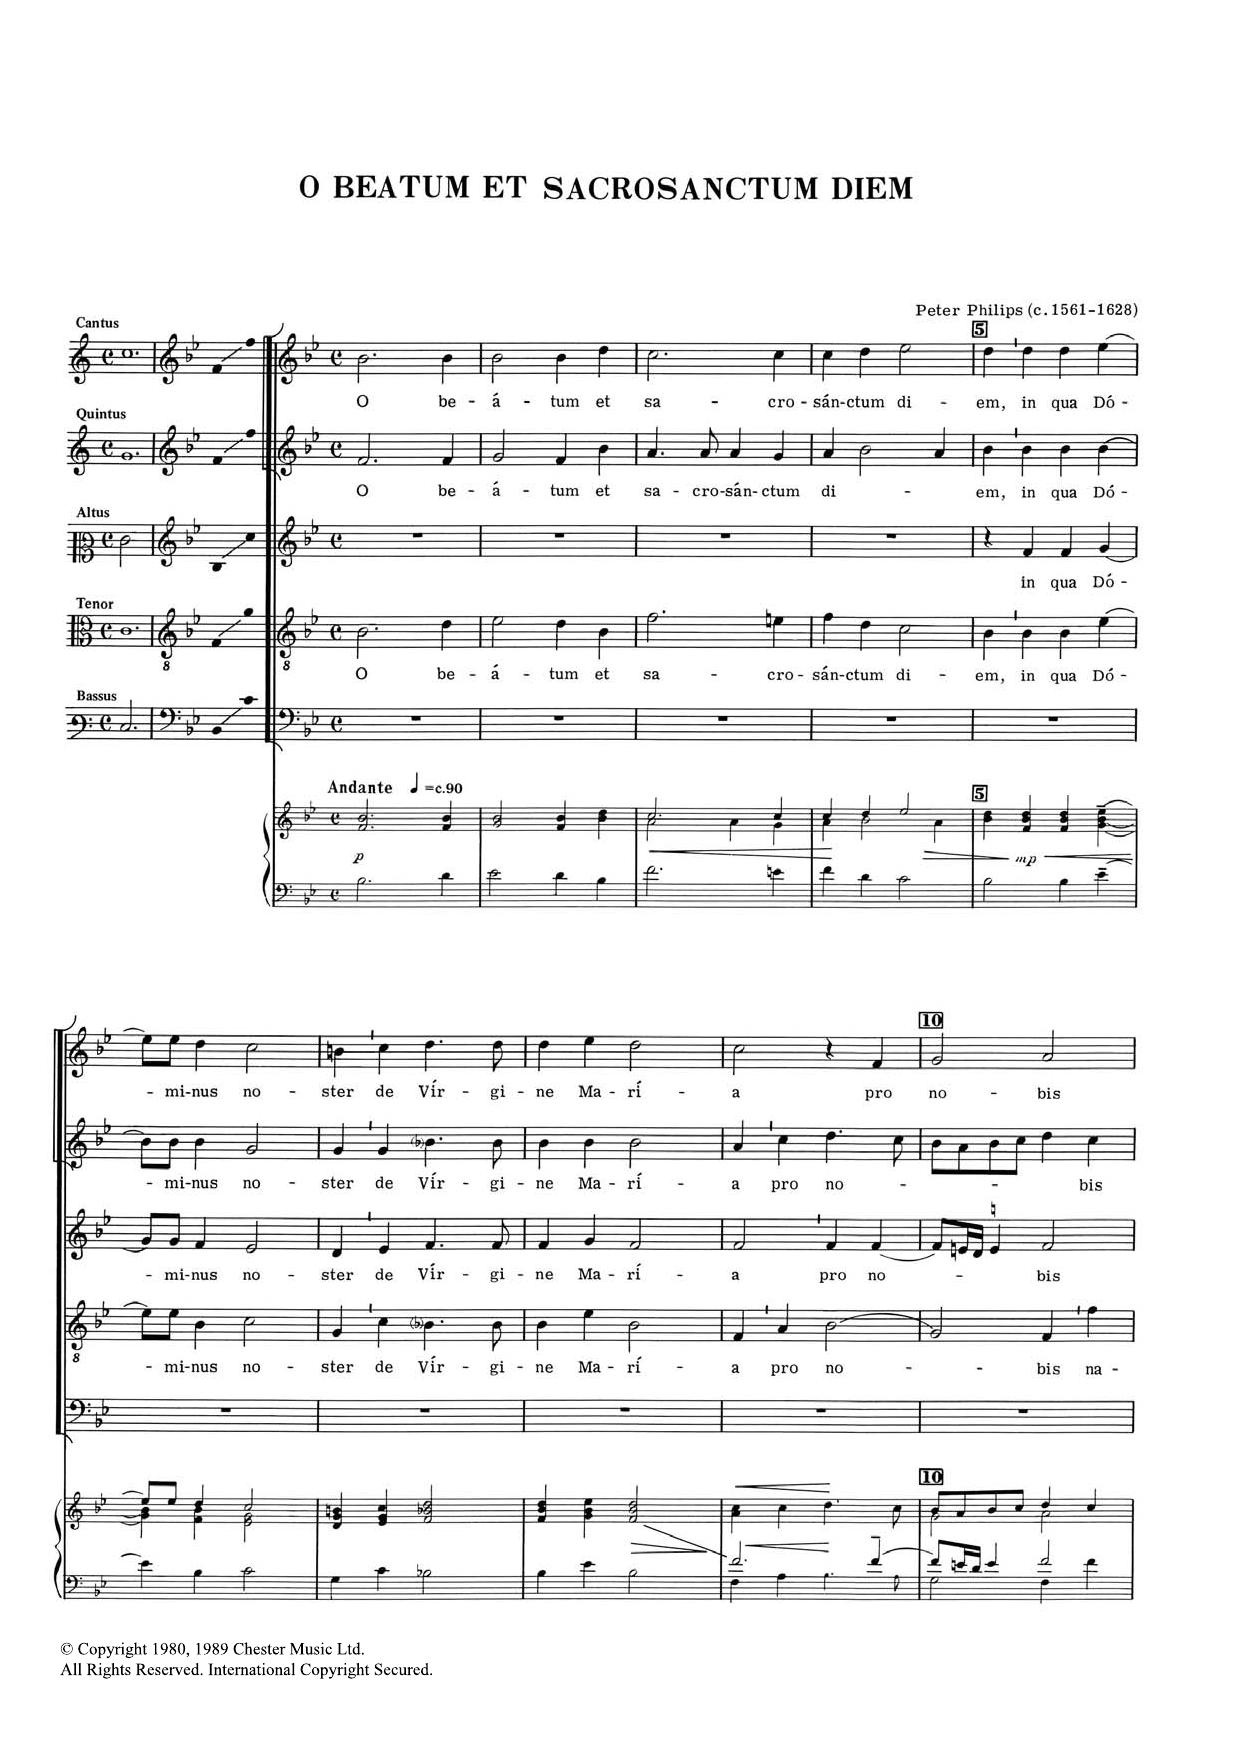 O Beatum Et Sacrosanctum Diem Sheet Music